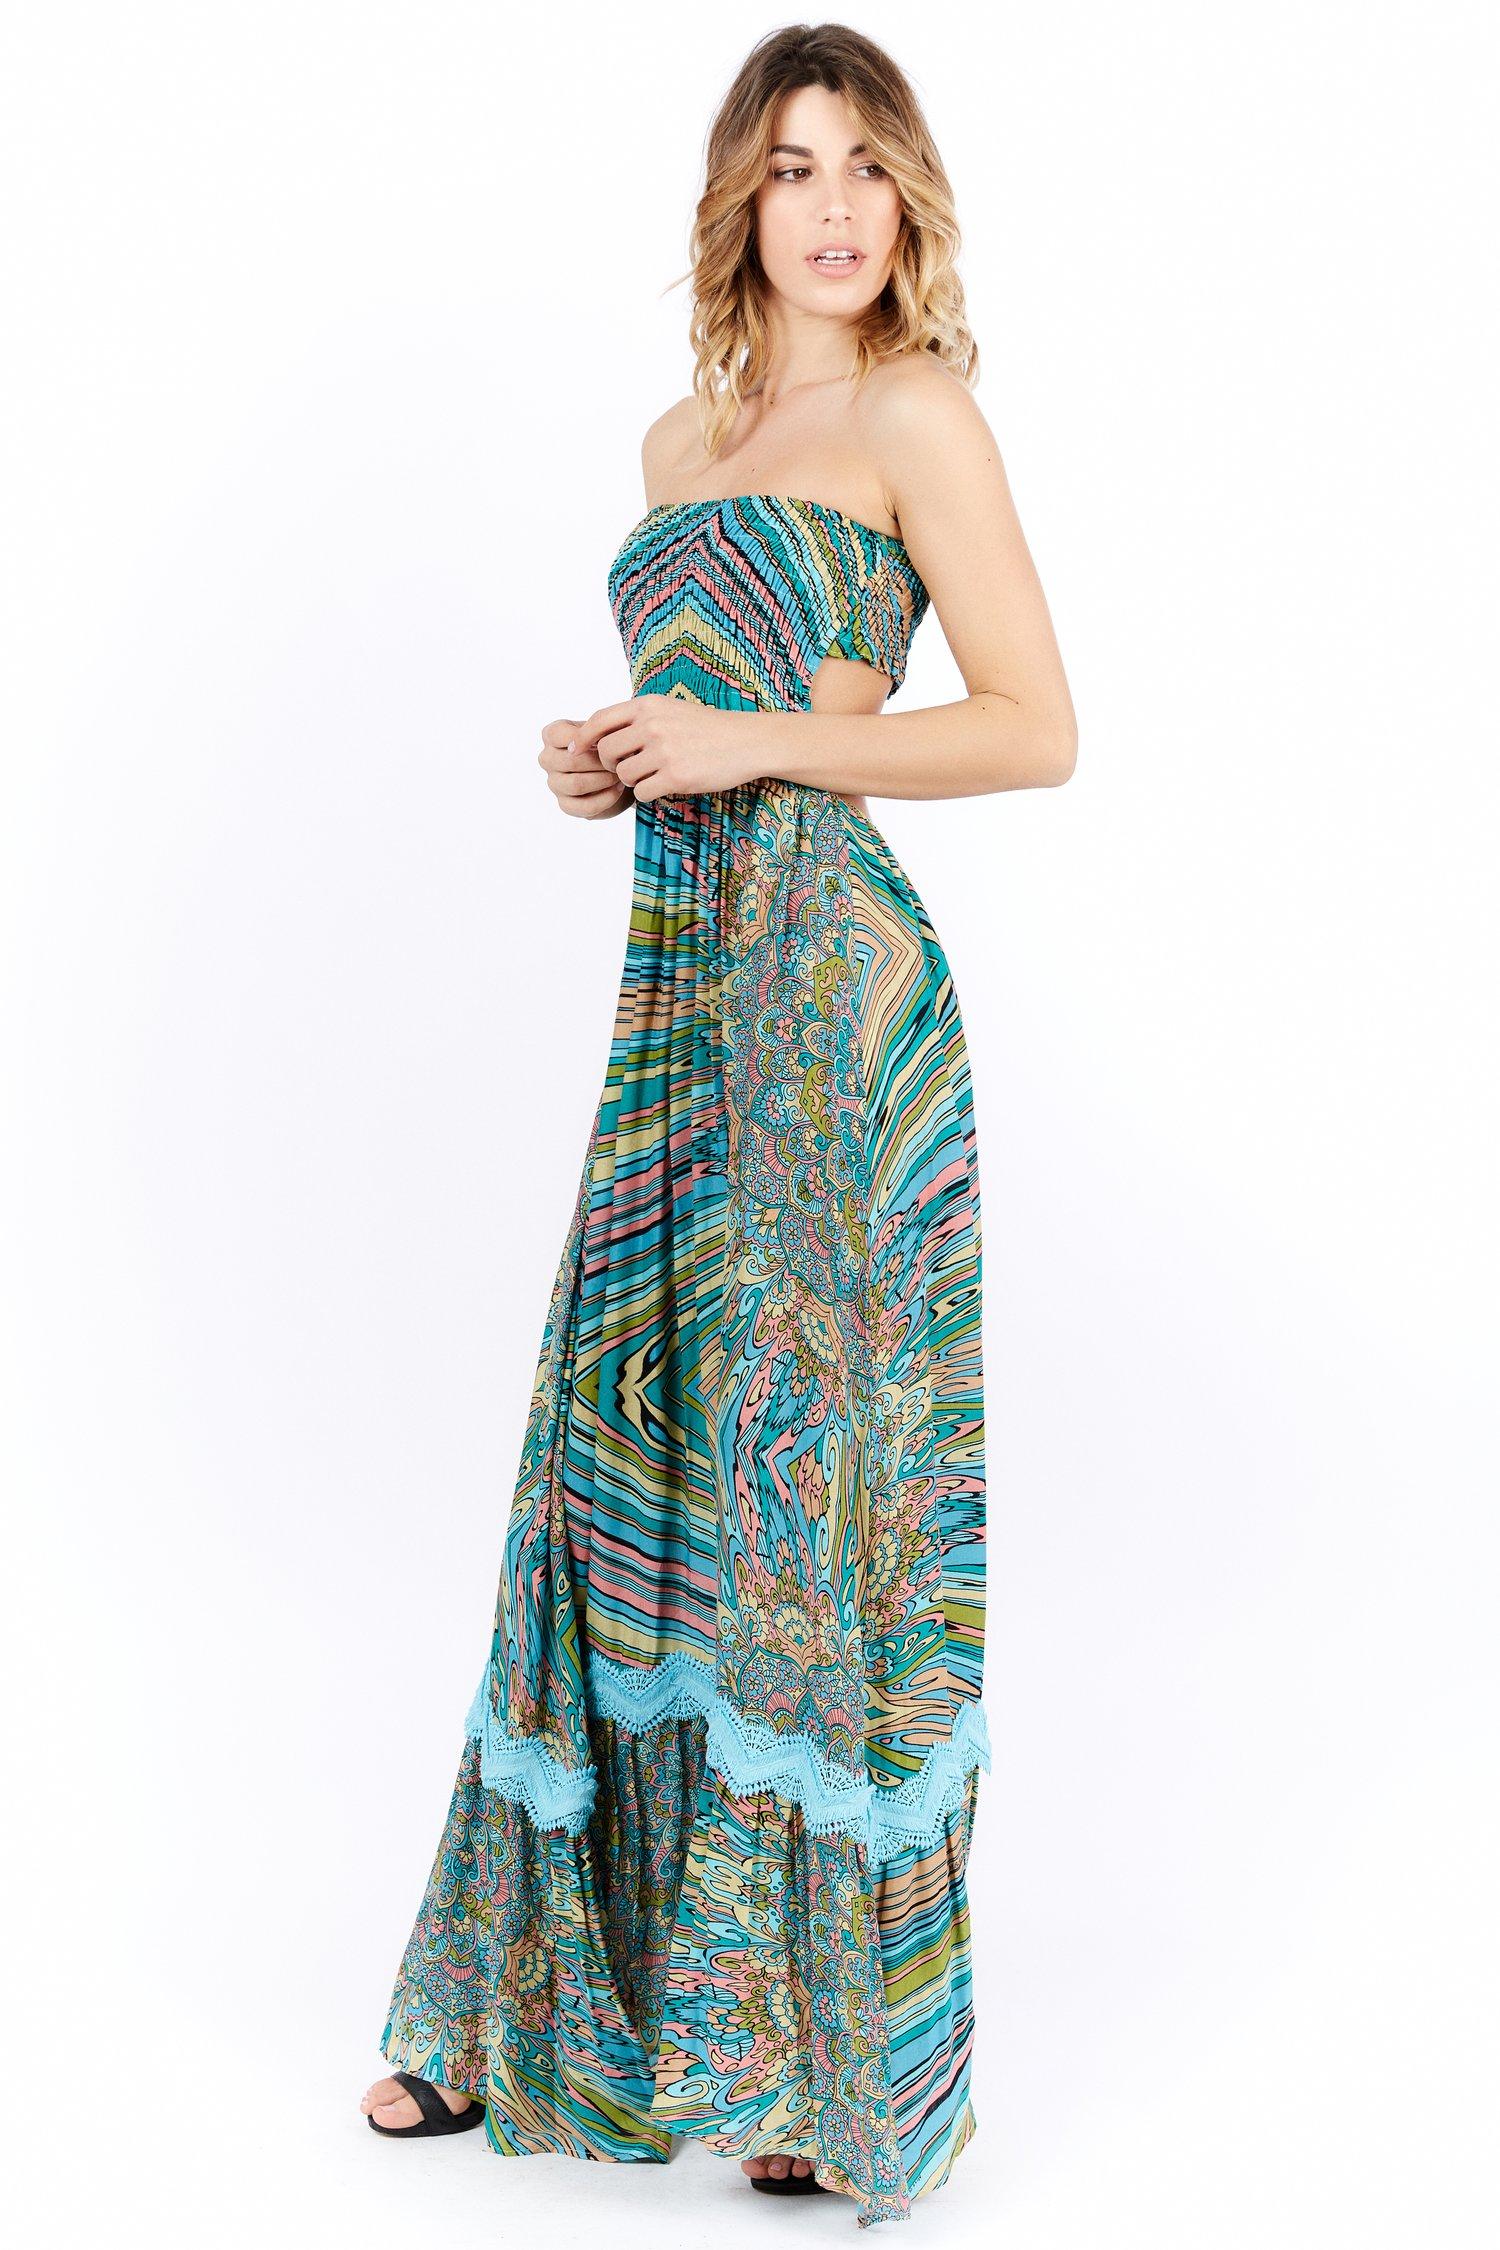 PRINTED VISCOSE LONG DRESS SMOCKING STITCH - Mandala Azzurro